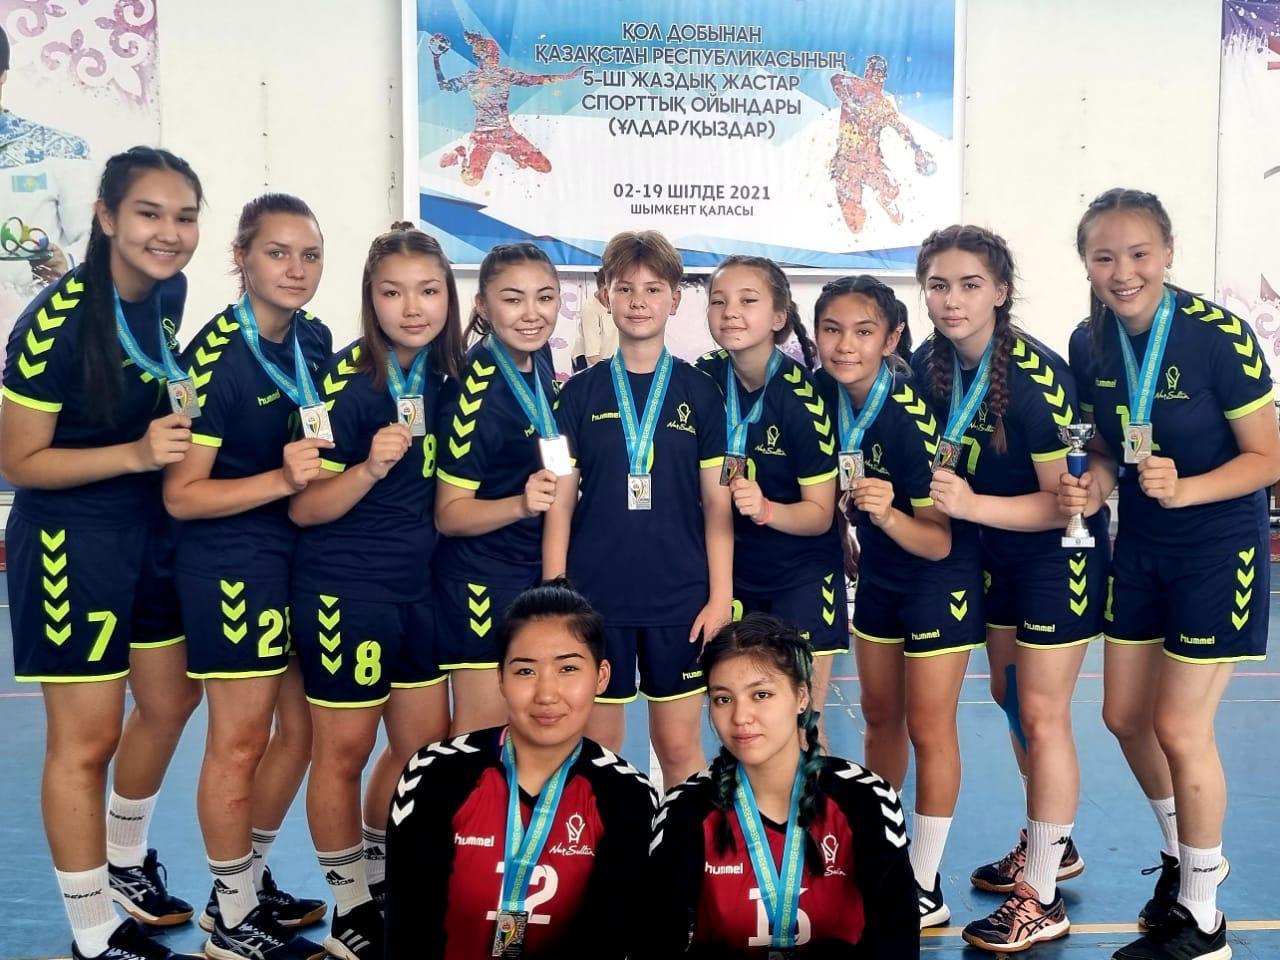 Столичные гандболистки завоевали серебро на V молодежных играх